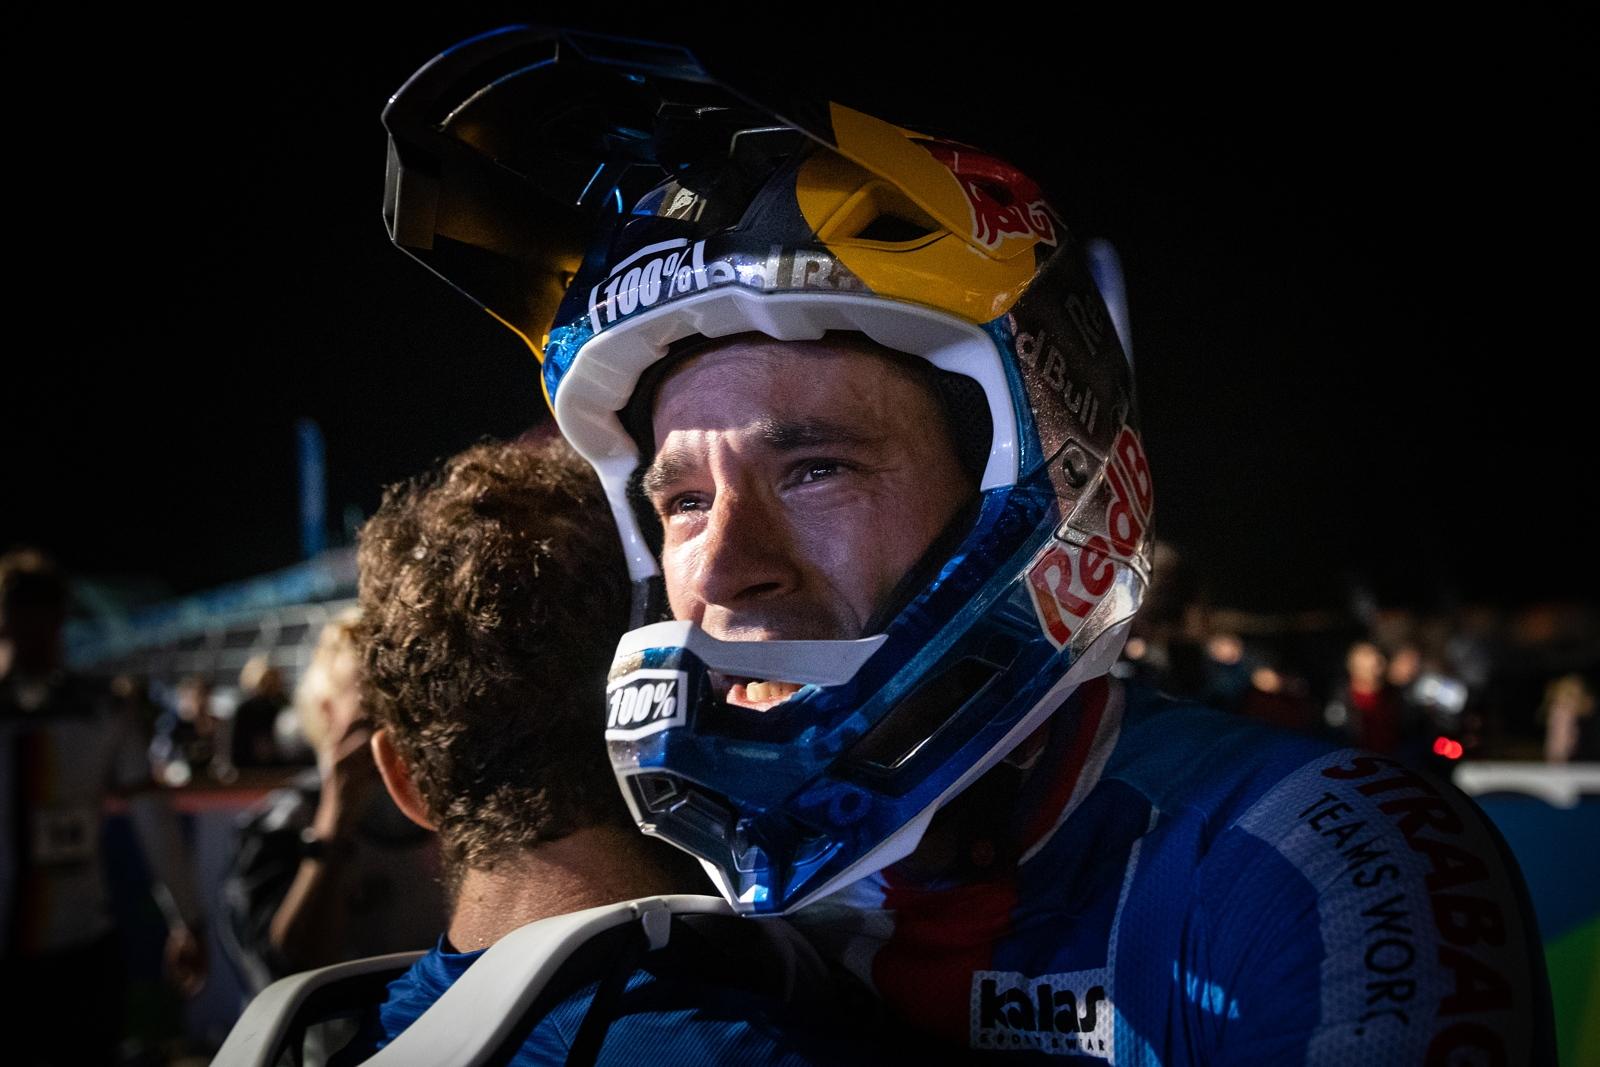 Tomáš Slavík patří ve světě fourcrossu mezi matadory. I tak získal ve Val di Sole titul mistra světa.